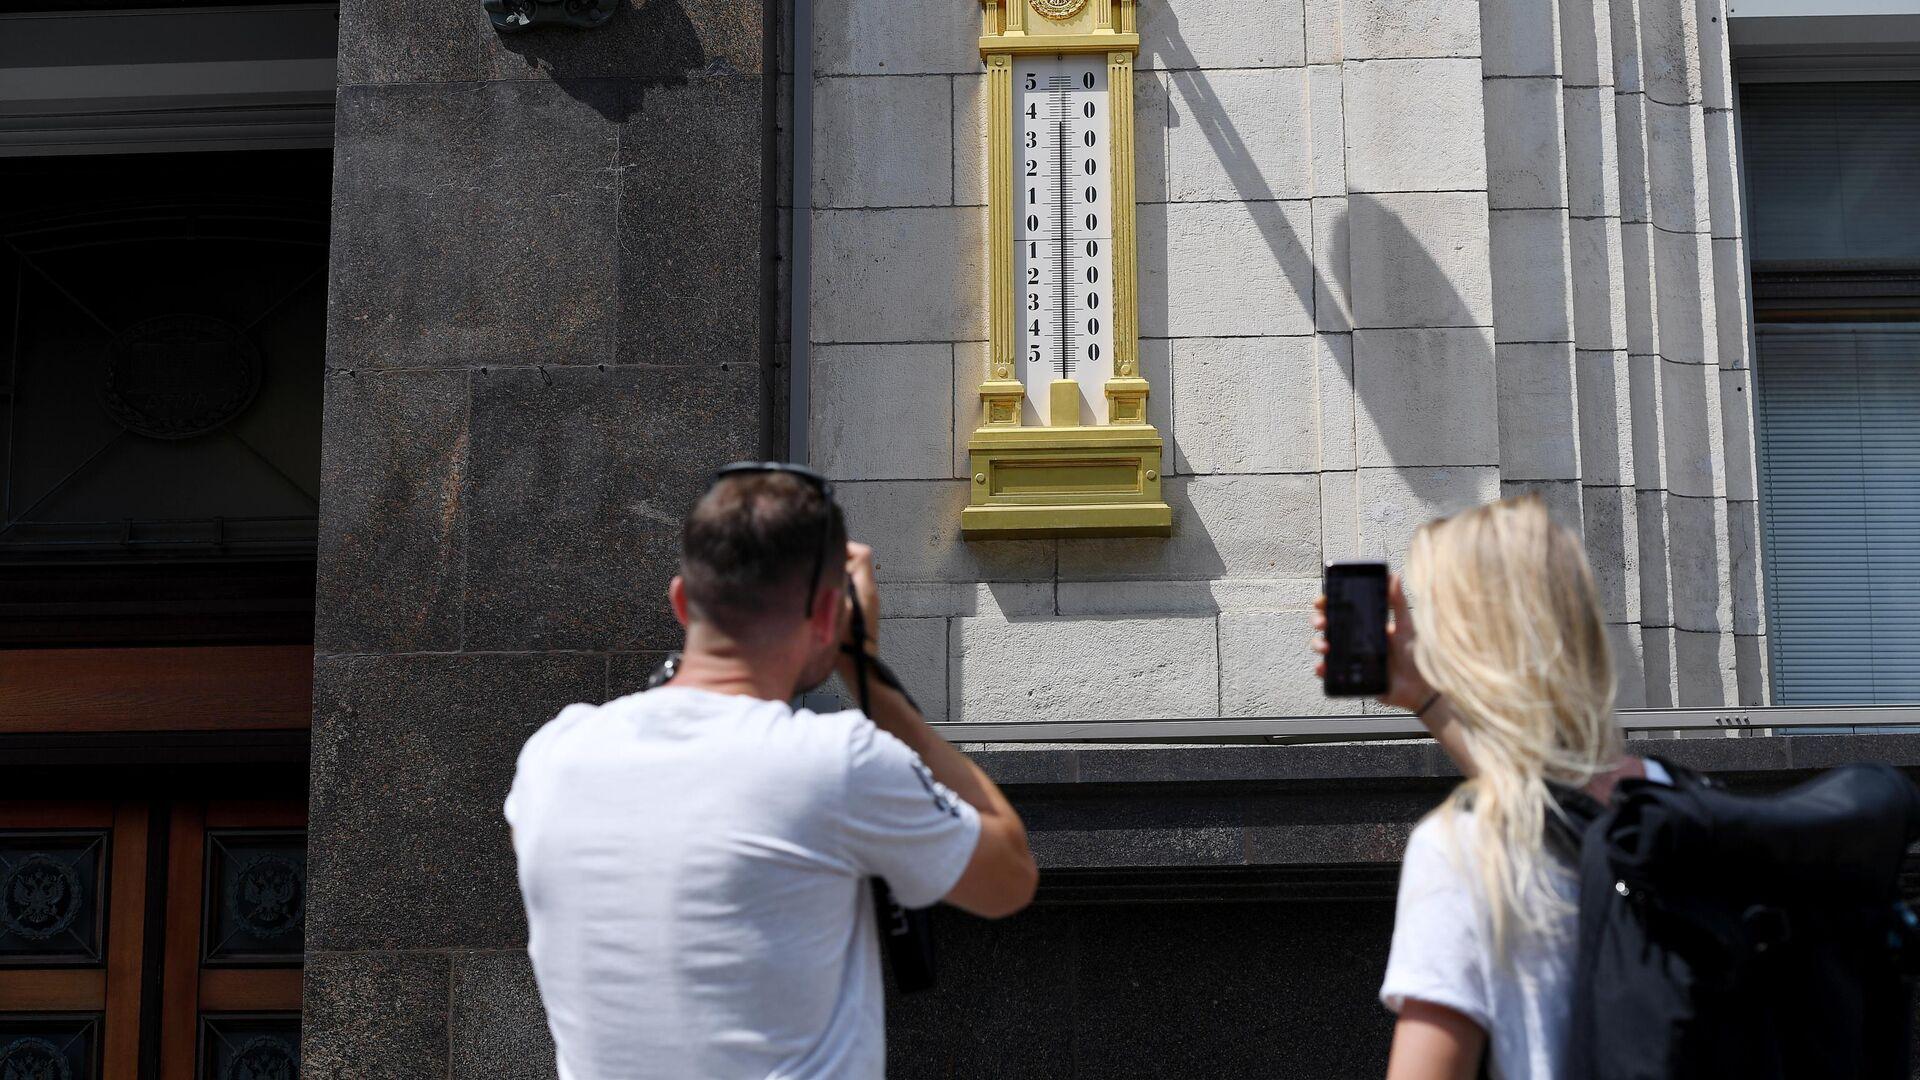 Молодые люди фотографируют термометр на здании Государственной Думы РФ в Москве - РИА Новости, 1920, 13.04.2021